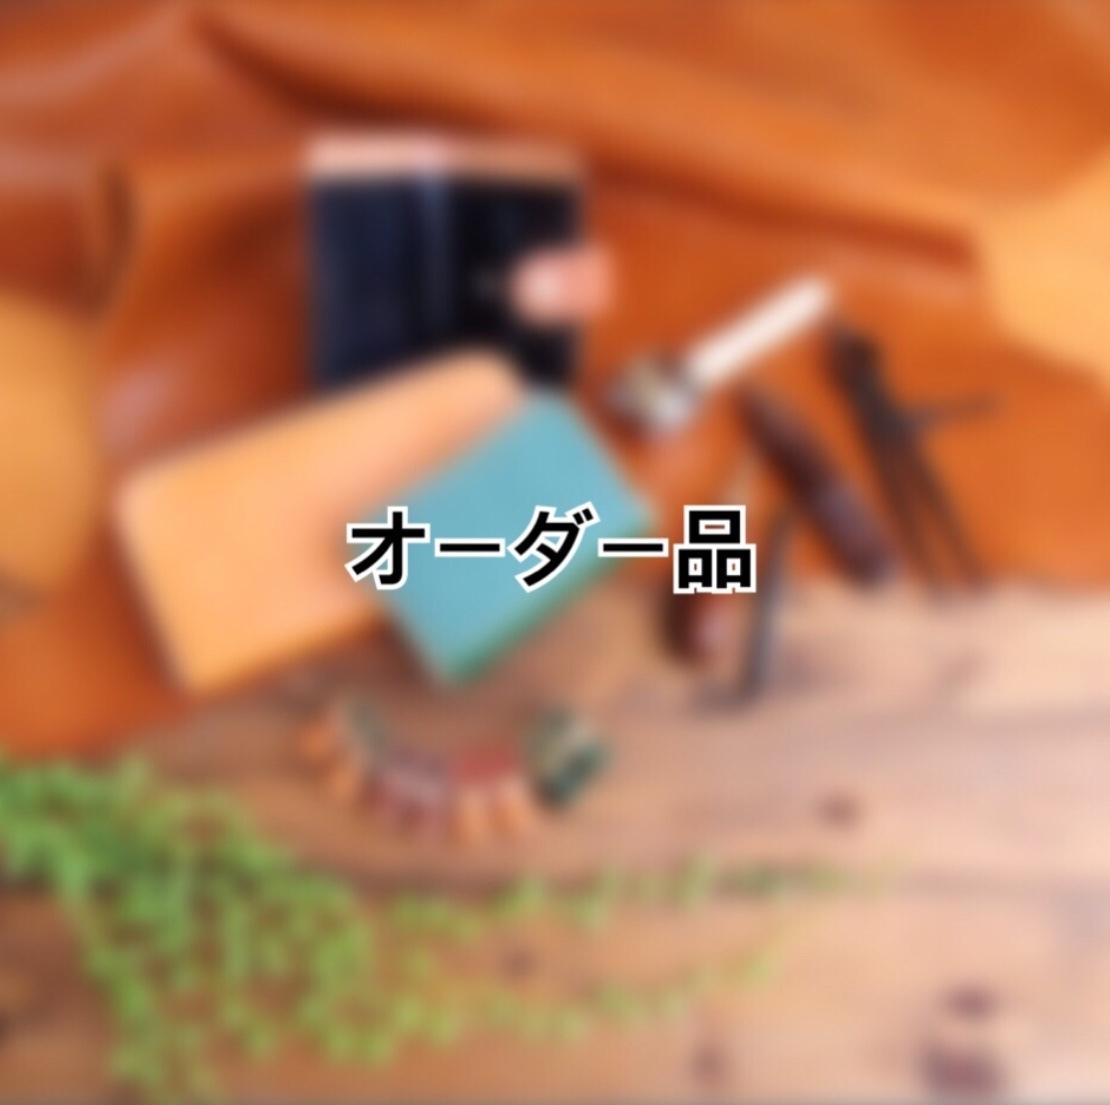 【オーダー品】ミニバックのキーケース